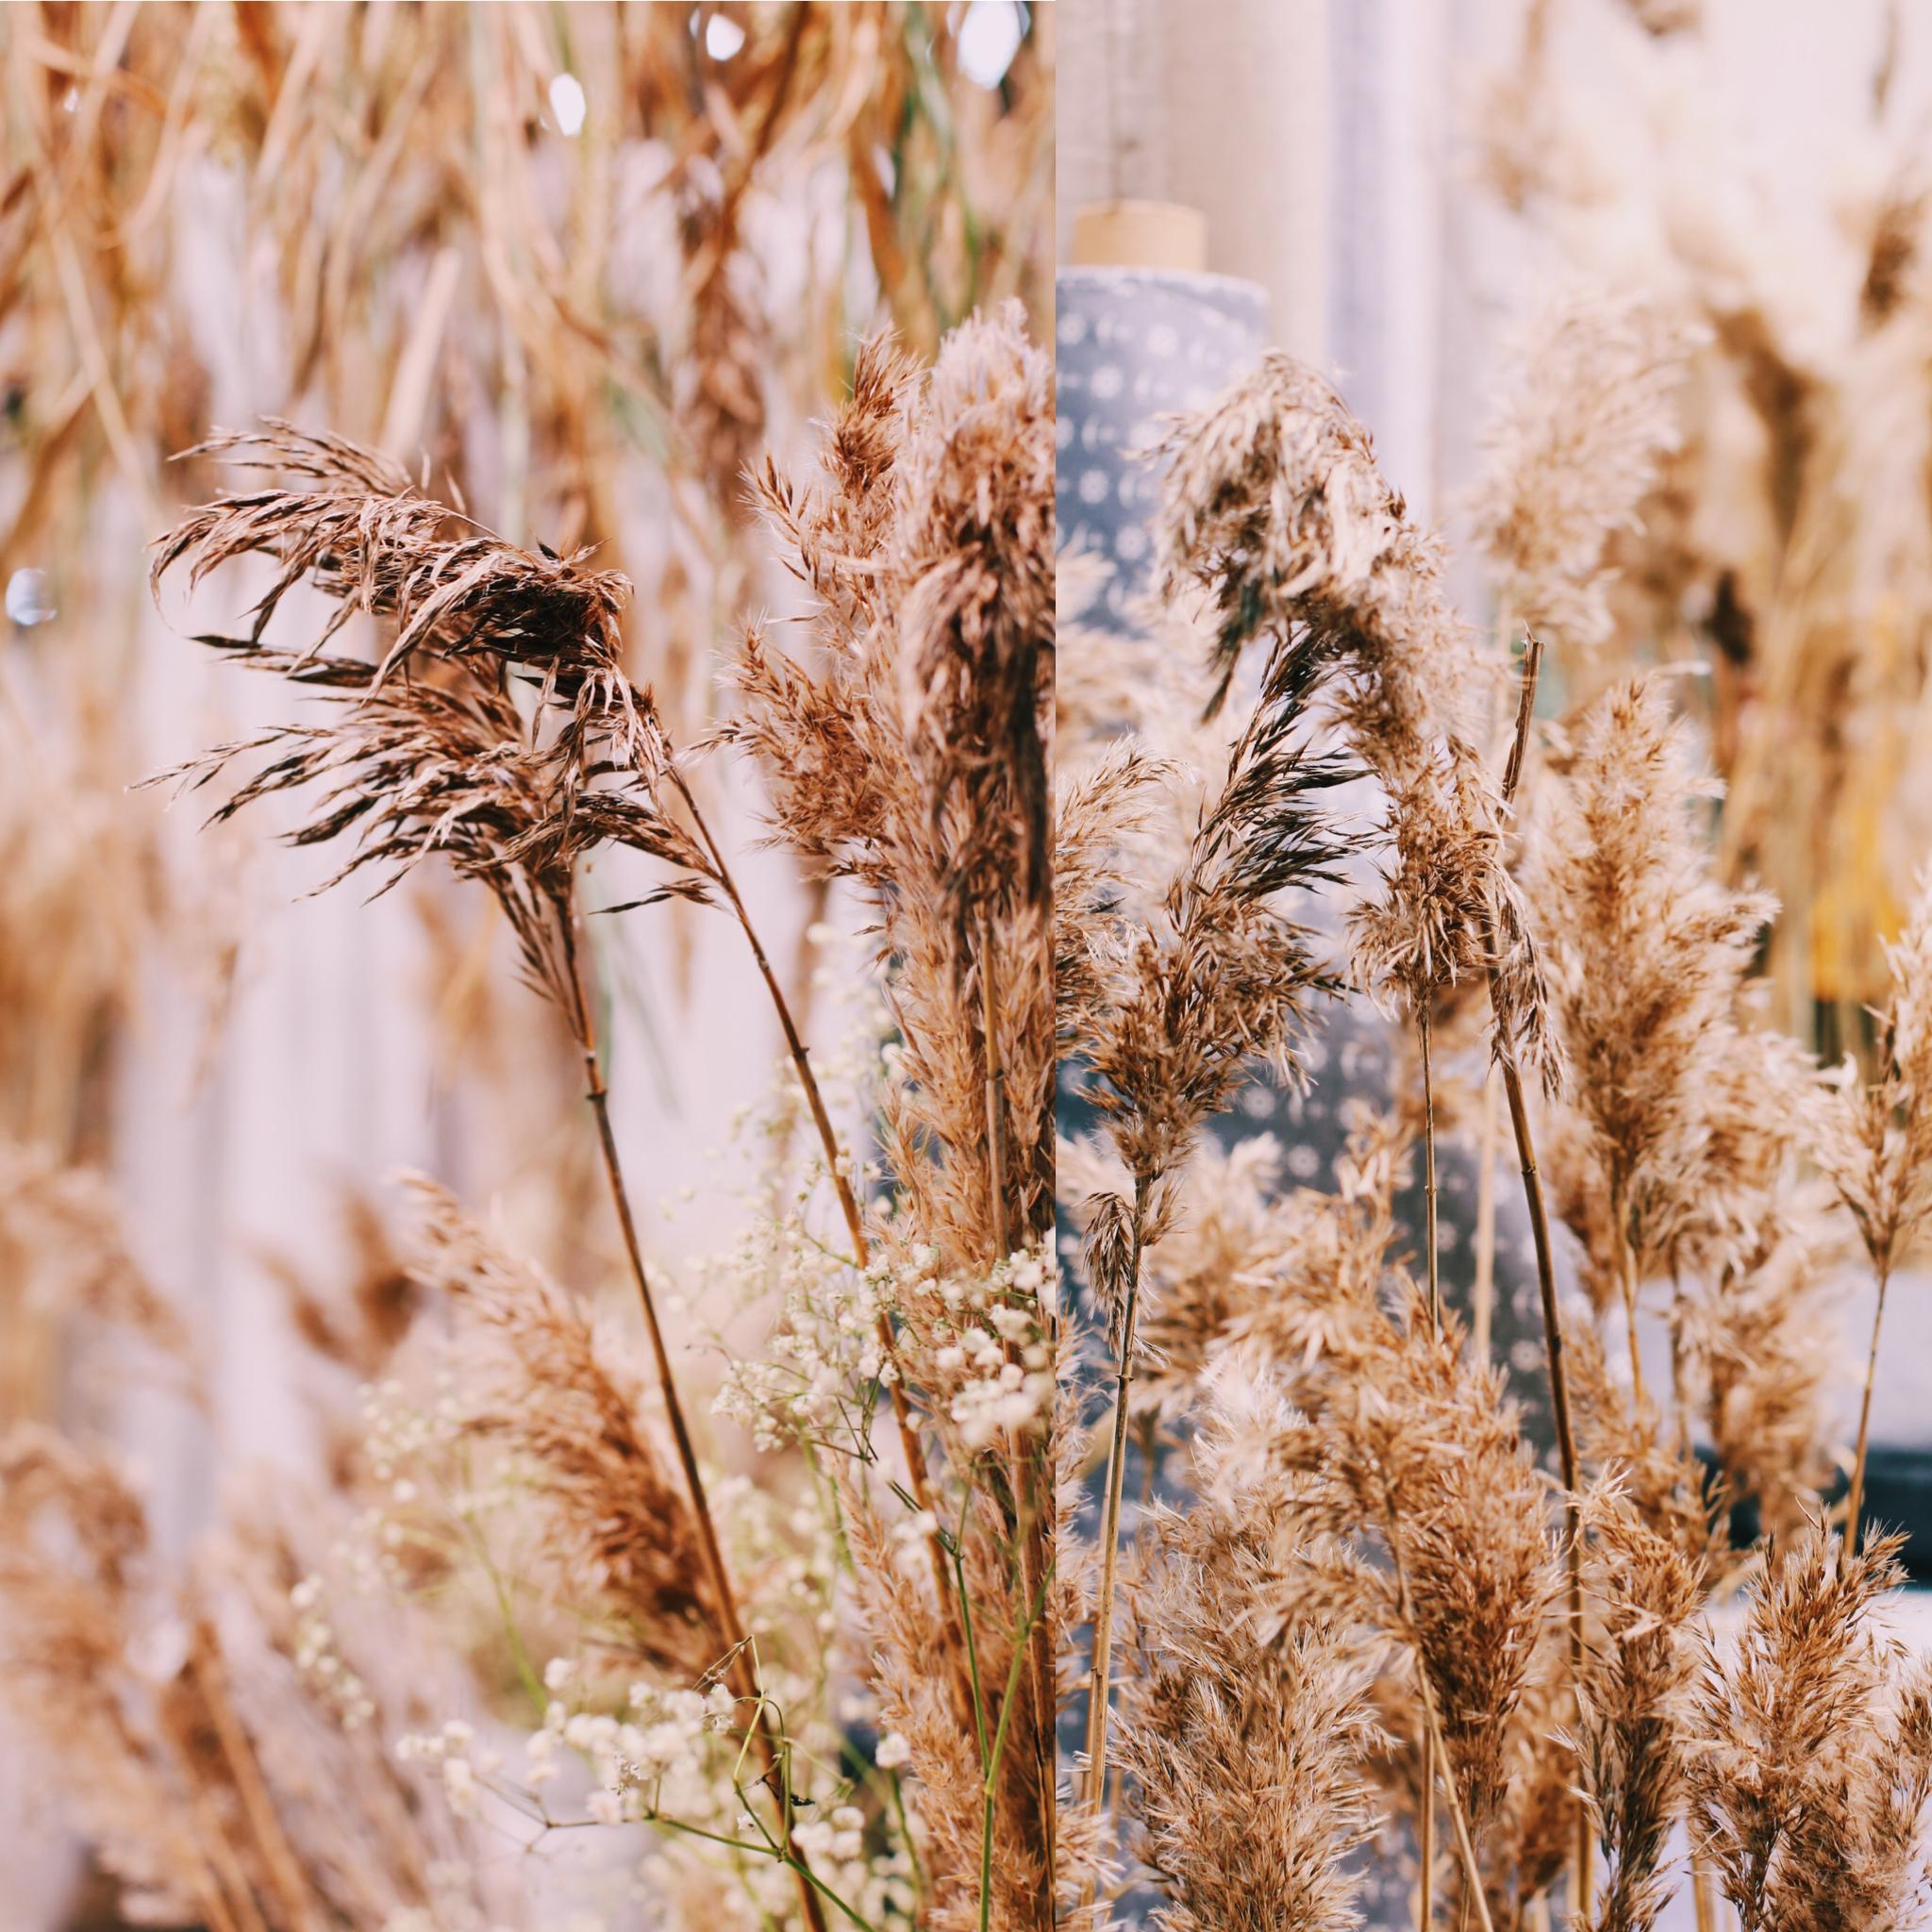 Heinät heinät, hurmaaavat edelleen keväänkiin korvalla. Luonnosta tai kukkakaupasta.